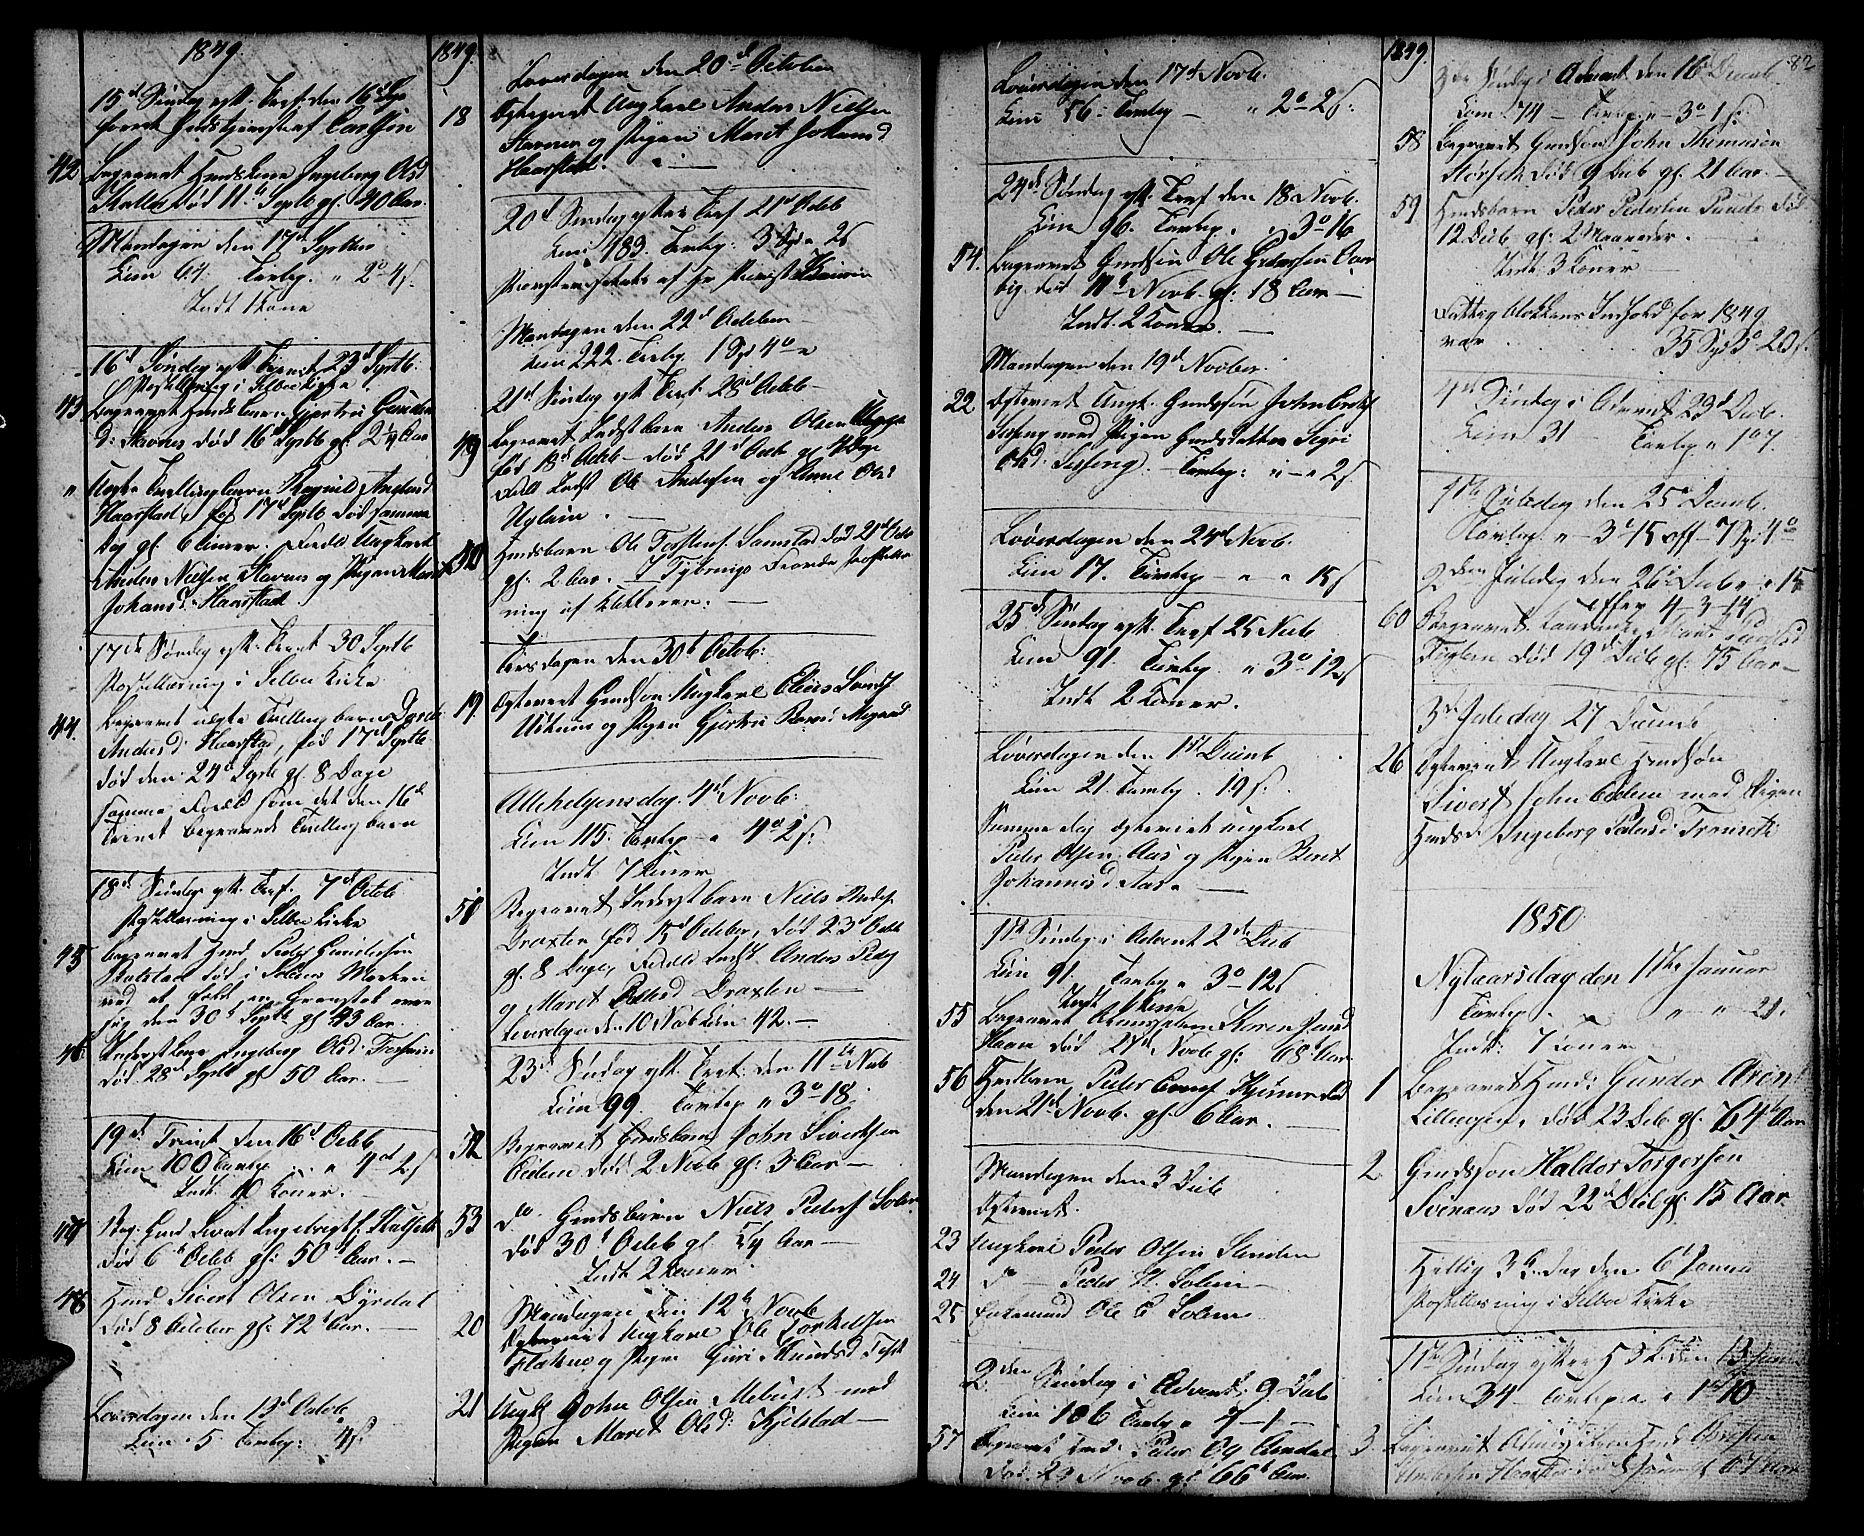 SAT, Ministerialprotokoller, klokkerbøker og fødselsregistre - Sør-Trøndelag, 695/L1154: Klokkerbok nr. 695C05, 1842-1858, s. 82